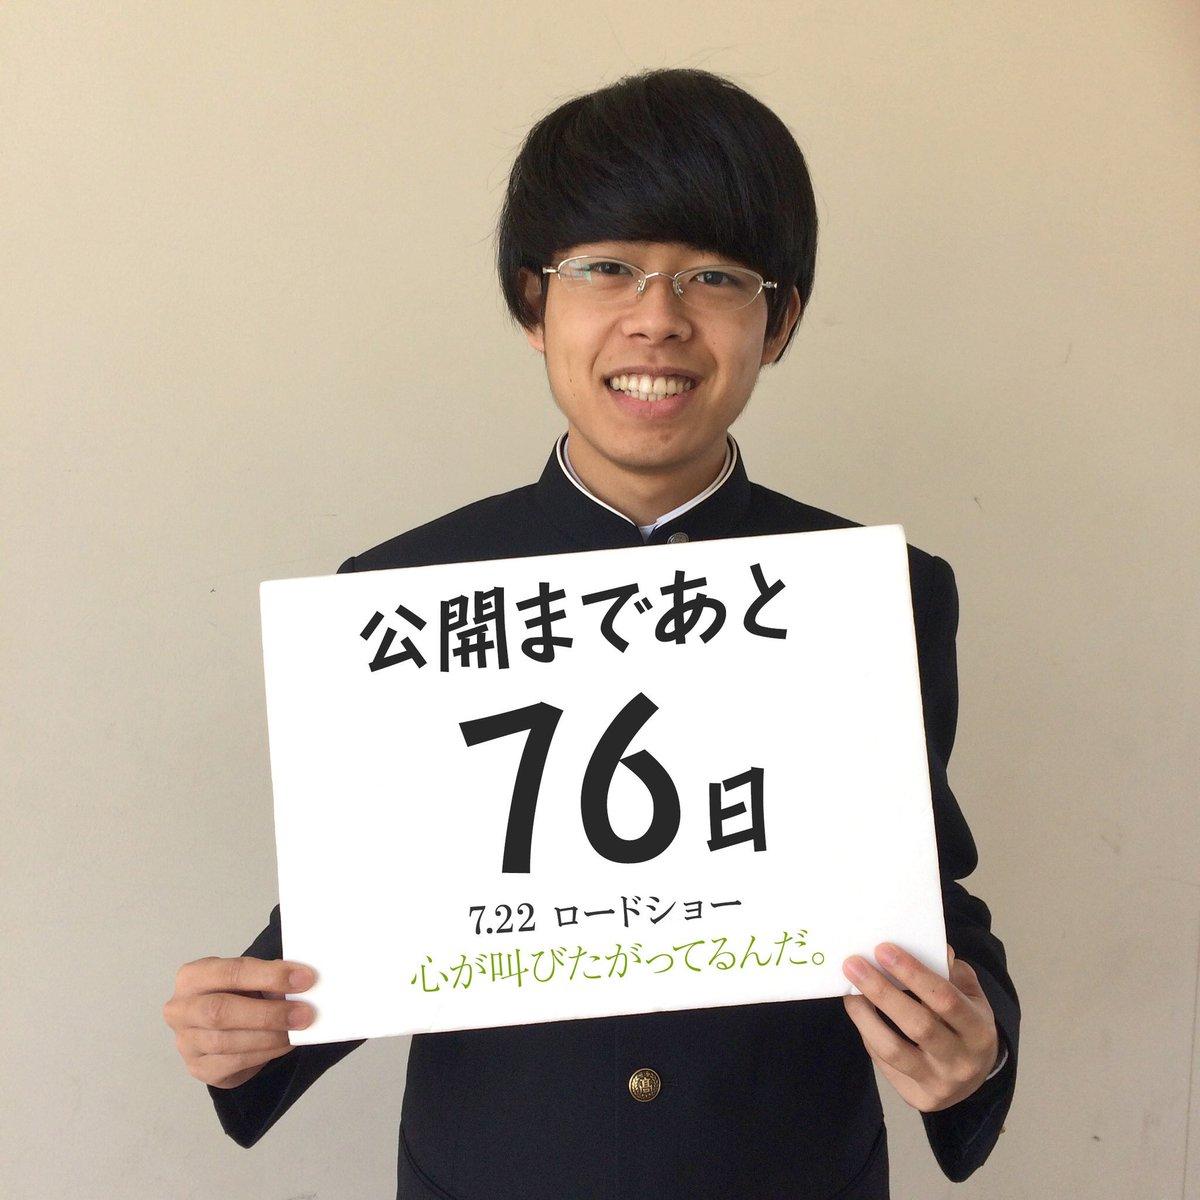 影山樹生弥 hashtag on Twitter